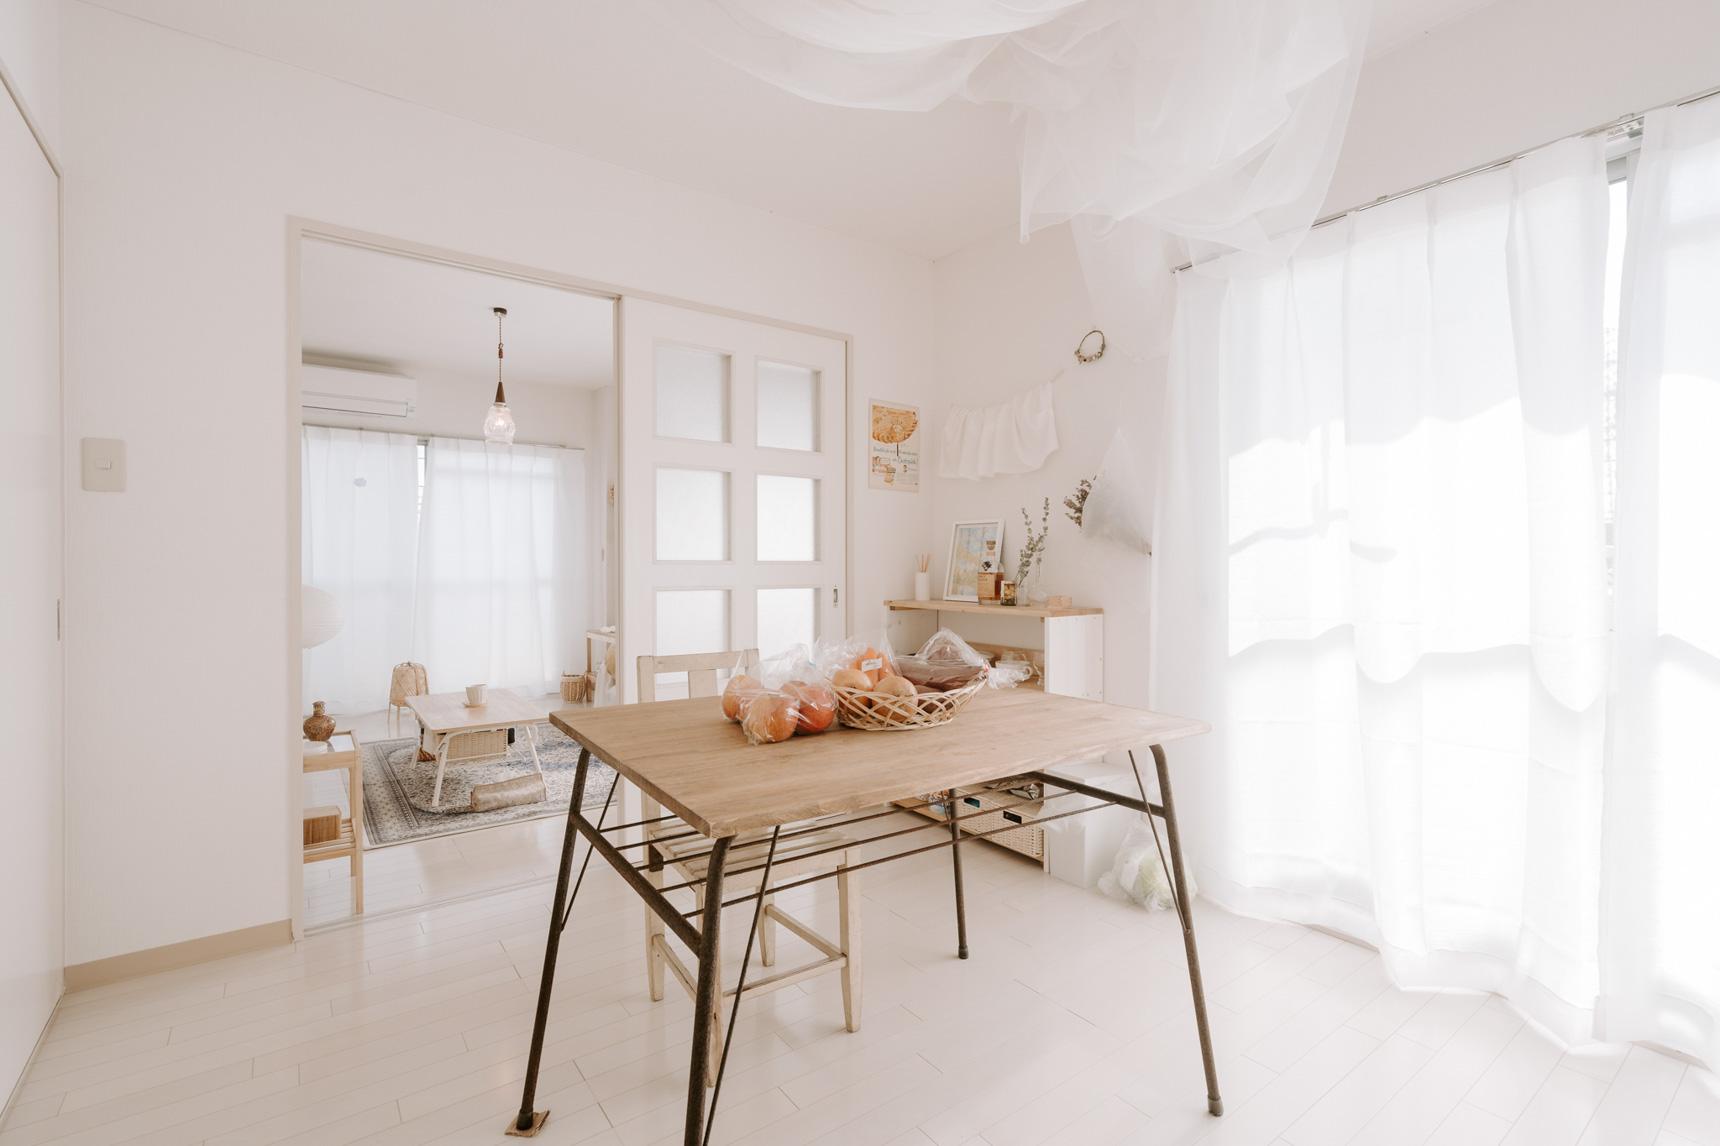 カーテンも同じ素材なので、統一感もありカフェのような明るい印象に。ダイニングテーブルと椅子はGIRAFFES CRAFTのもの。